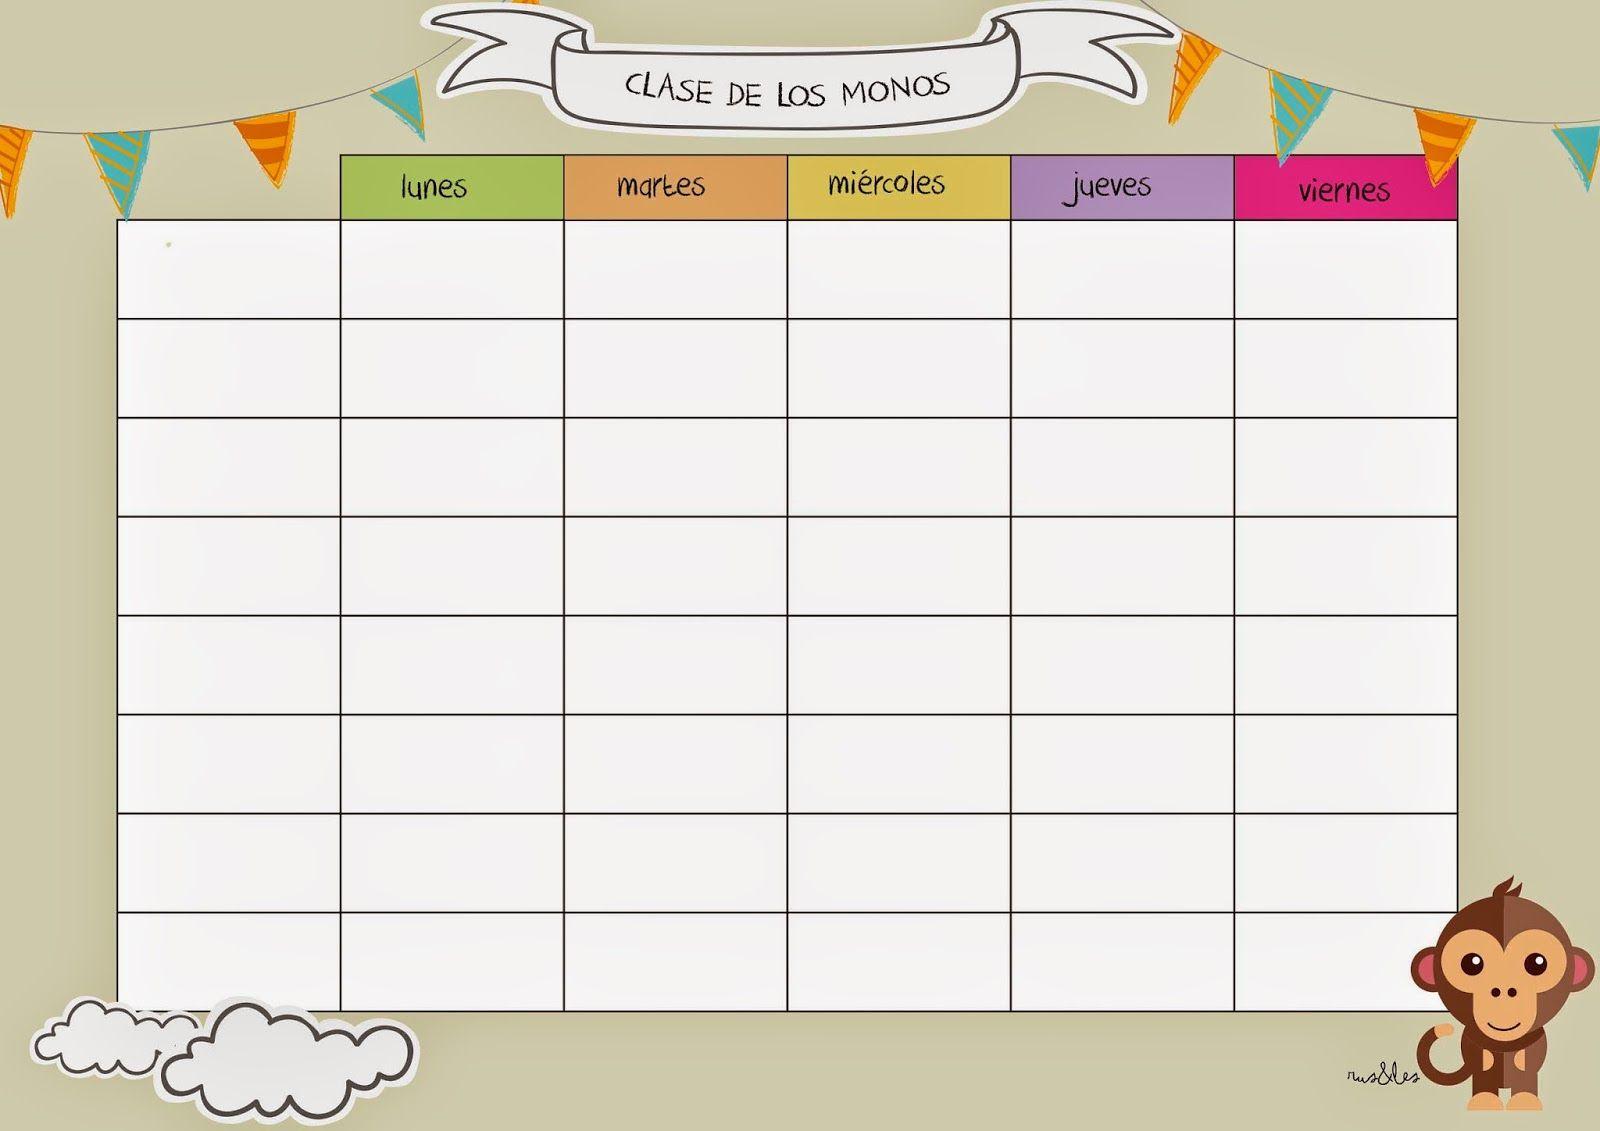 Horario clase monos | Infantil | Pinterest | Horario clases, Horario ...